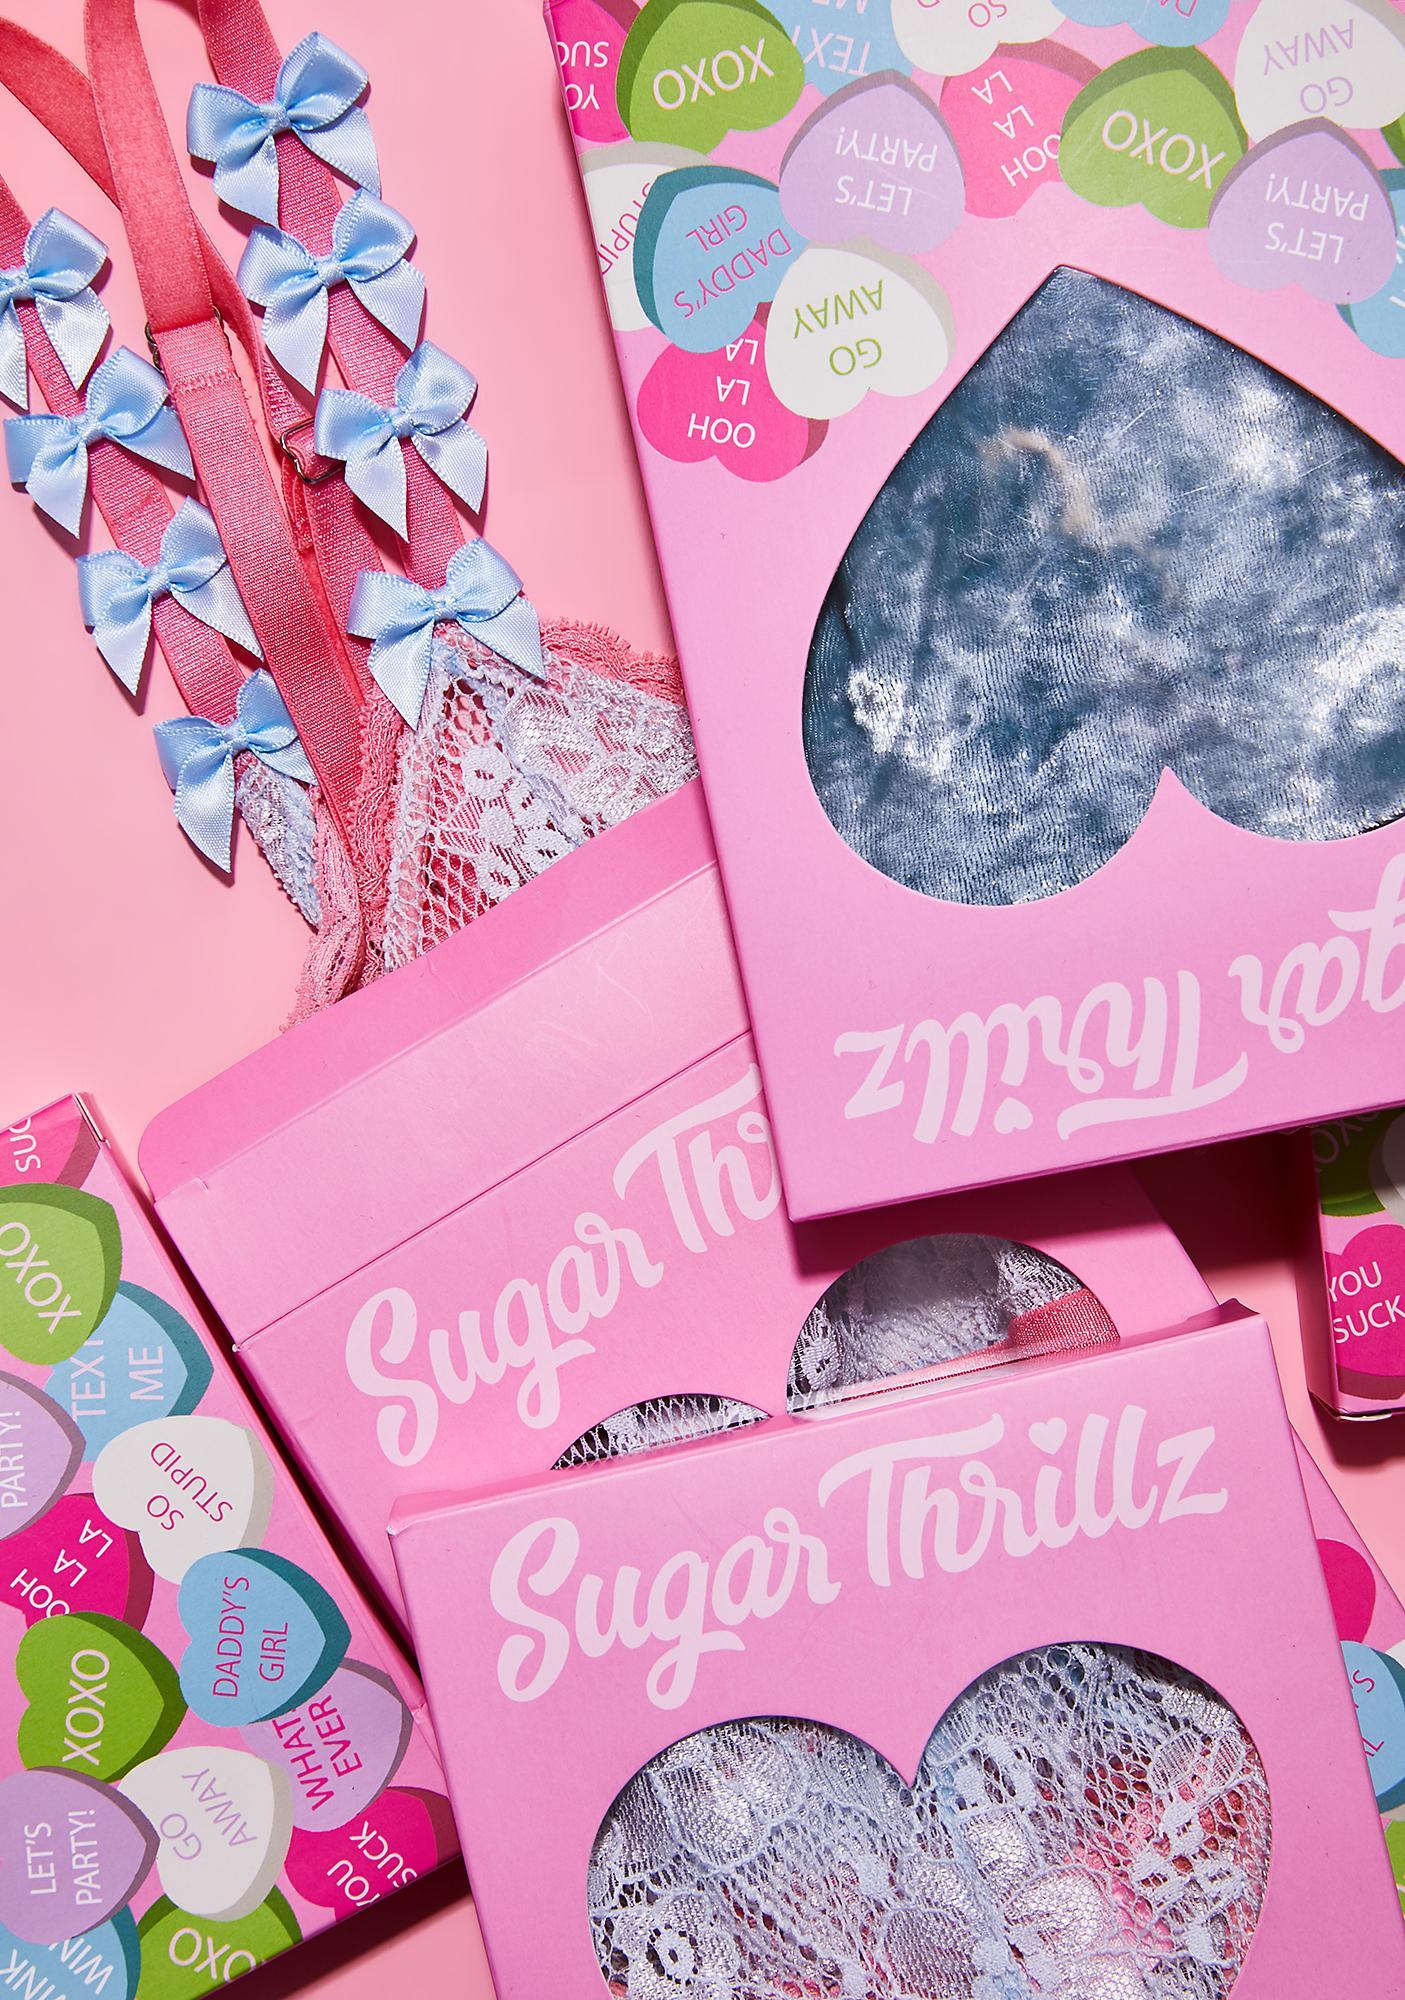 Sugar Thrillz Buy Me Roses Bralette